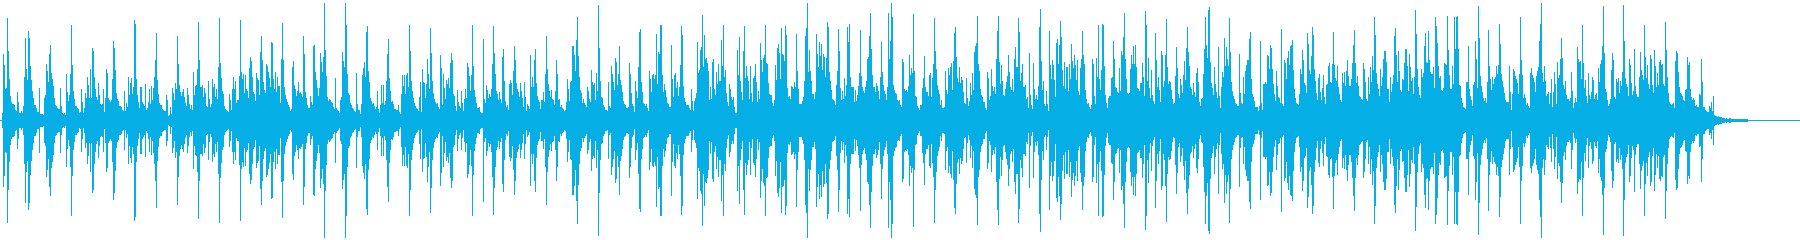 ブルージーな感じのゆっくりと優しいジャズの再生済みの波形